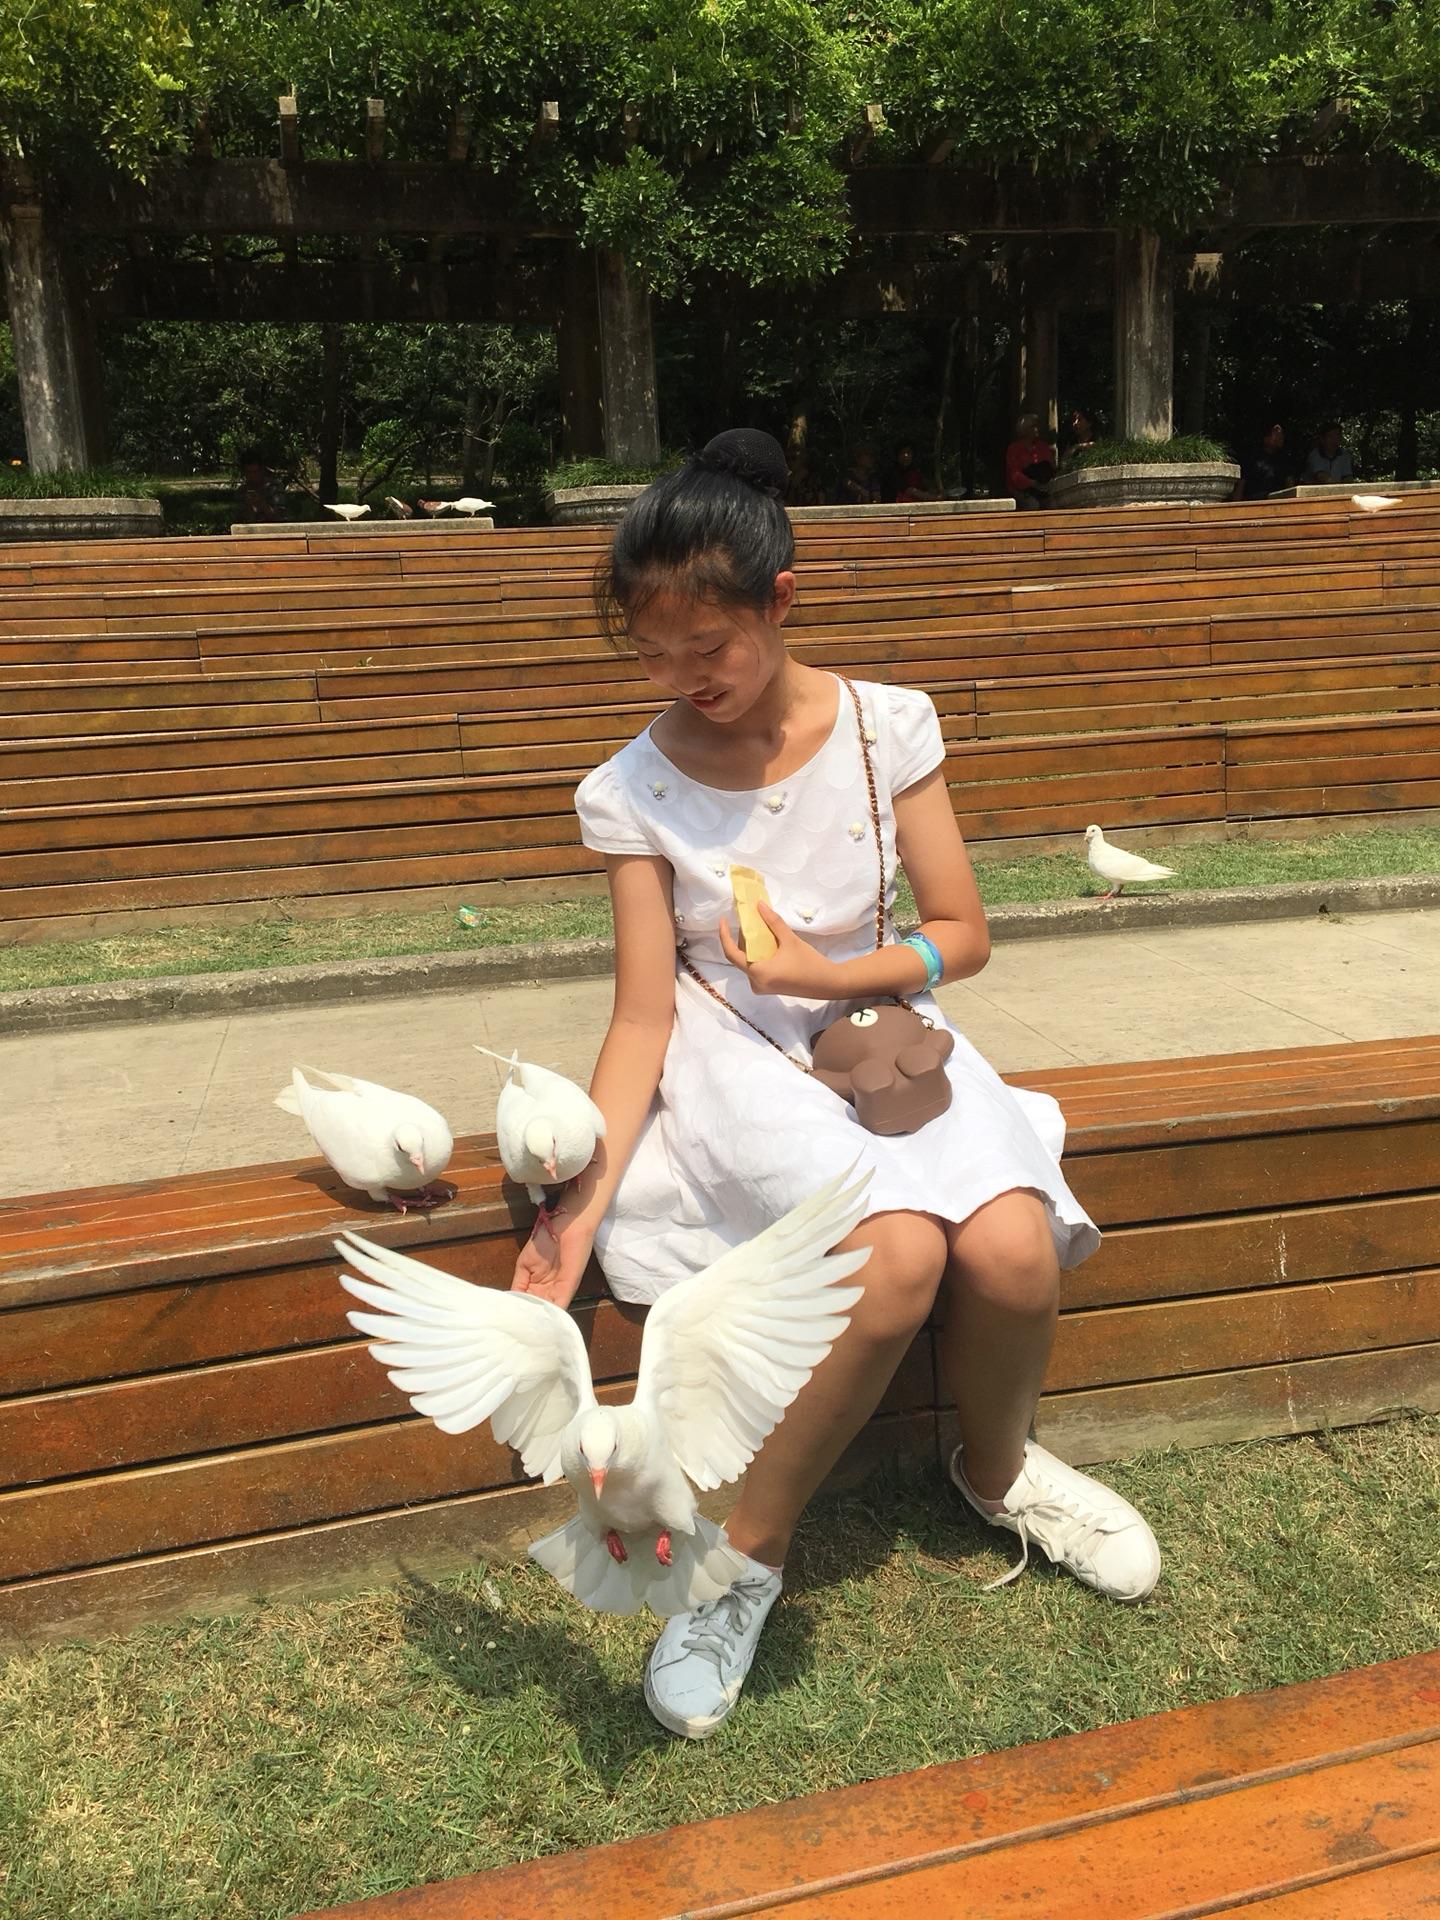 2019暑假游Day7-南京:钟山风景区(多景区最佳游玩顺序,实用滚球bet365yazhou_足球滚球365_365滚球手机客户)